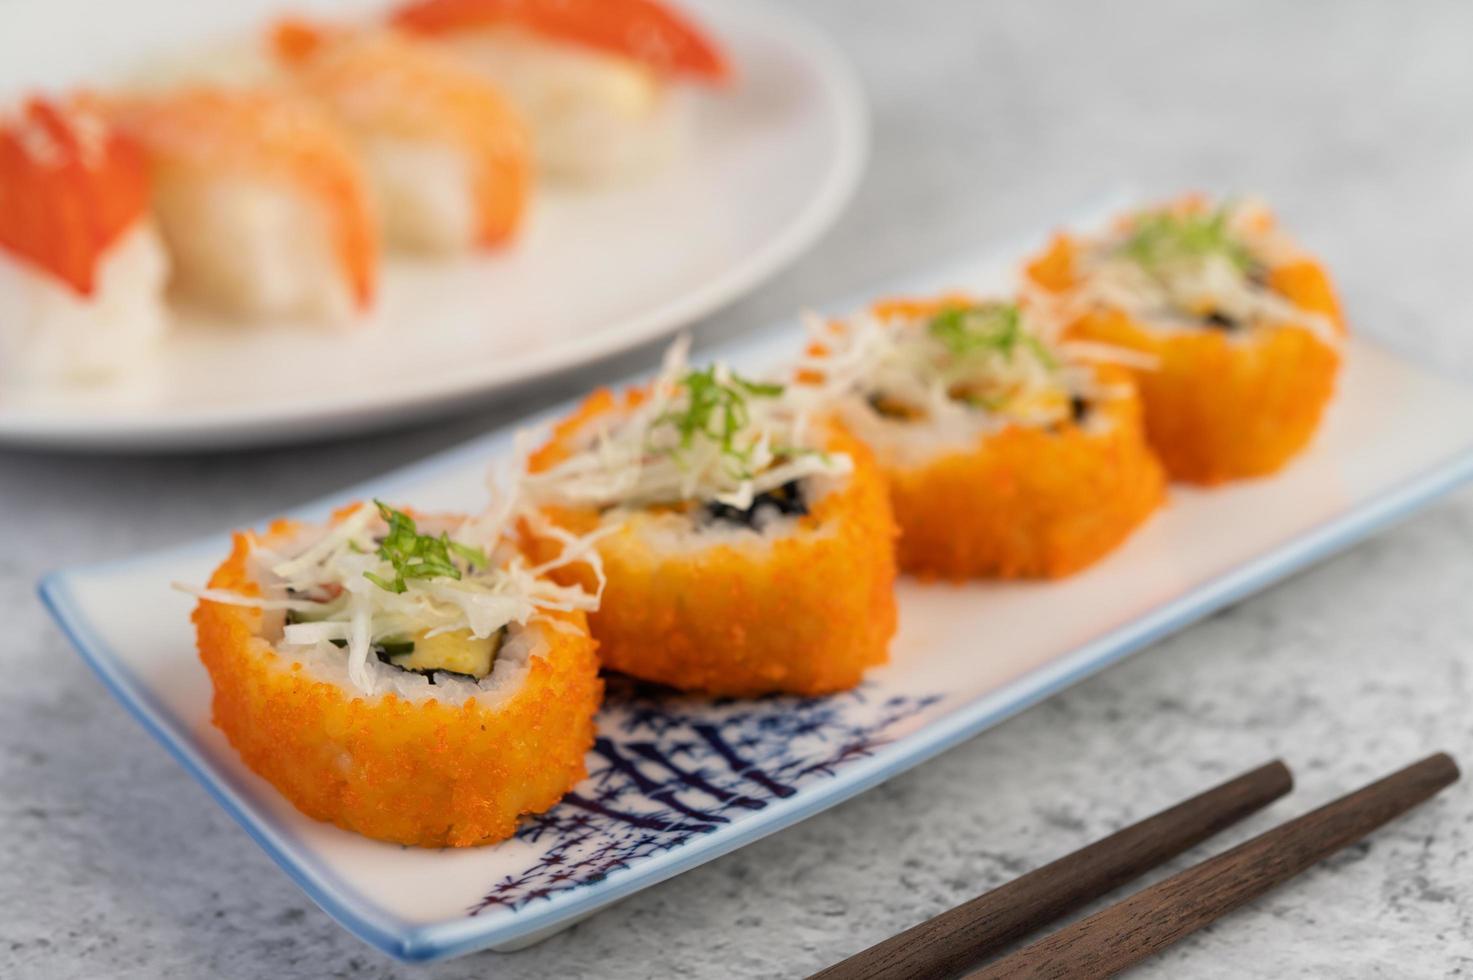 geplateerde sushi met saus en eetstokjes foto